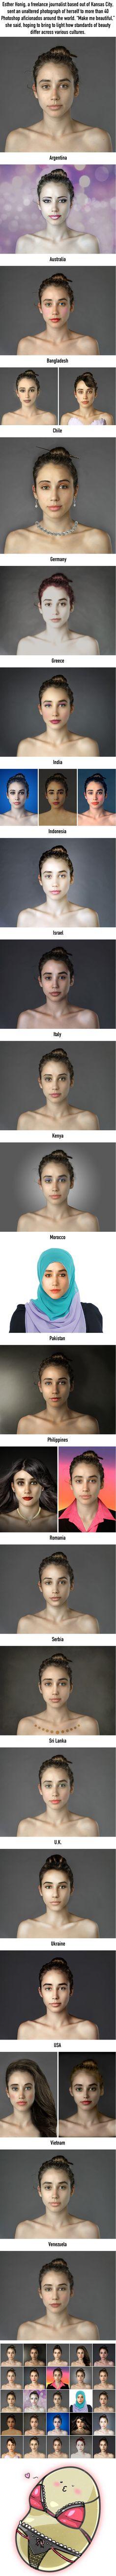 Wie unterschiedlich die Definition von SCHÖNHEIT jeder einzelnen Person ist, wurde bei einem Experiments schnell ersichtlich:  Es wurden 25 Photoshop Profis aus verschiedenen Ländern beauftragt ein und dasselbe Frauengesicht nach den Schönheitsmaßstäben ihres Landes zu optimieren.